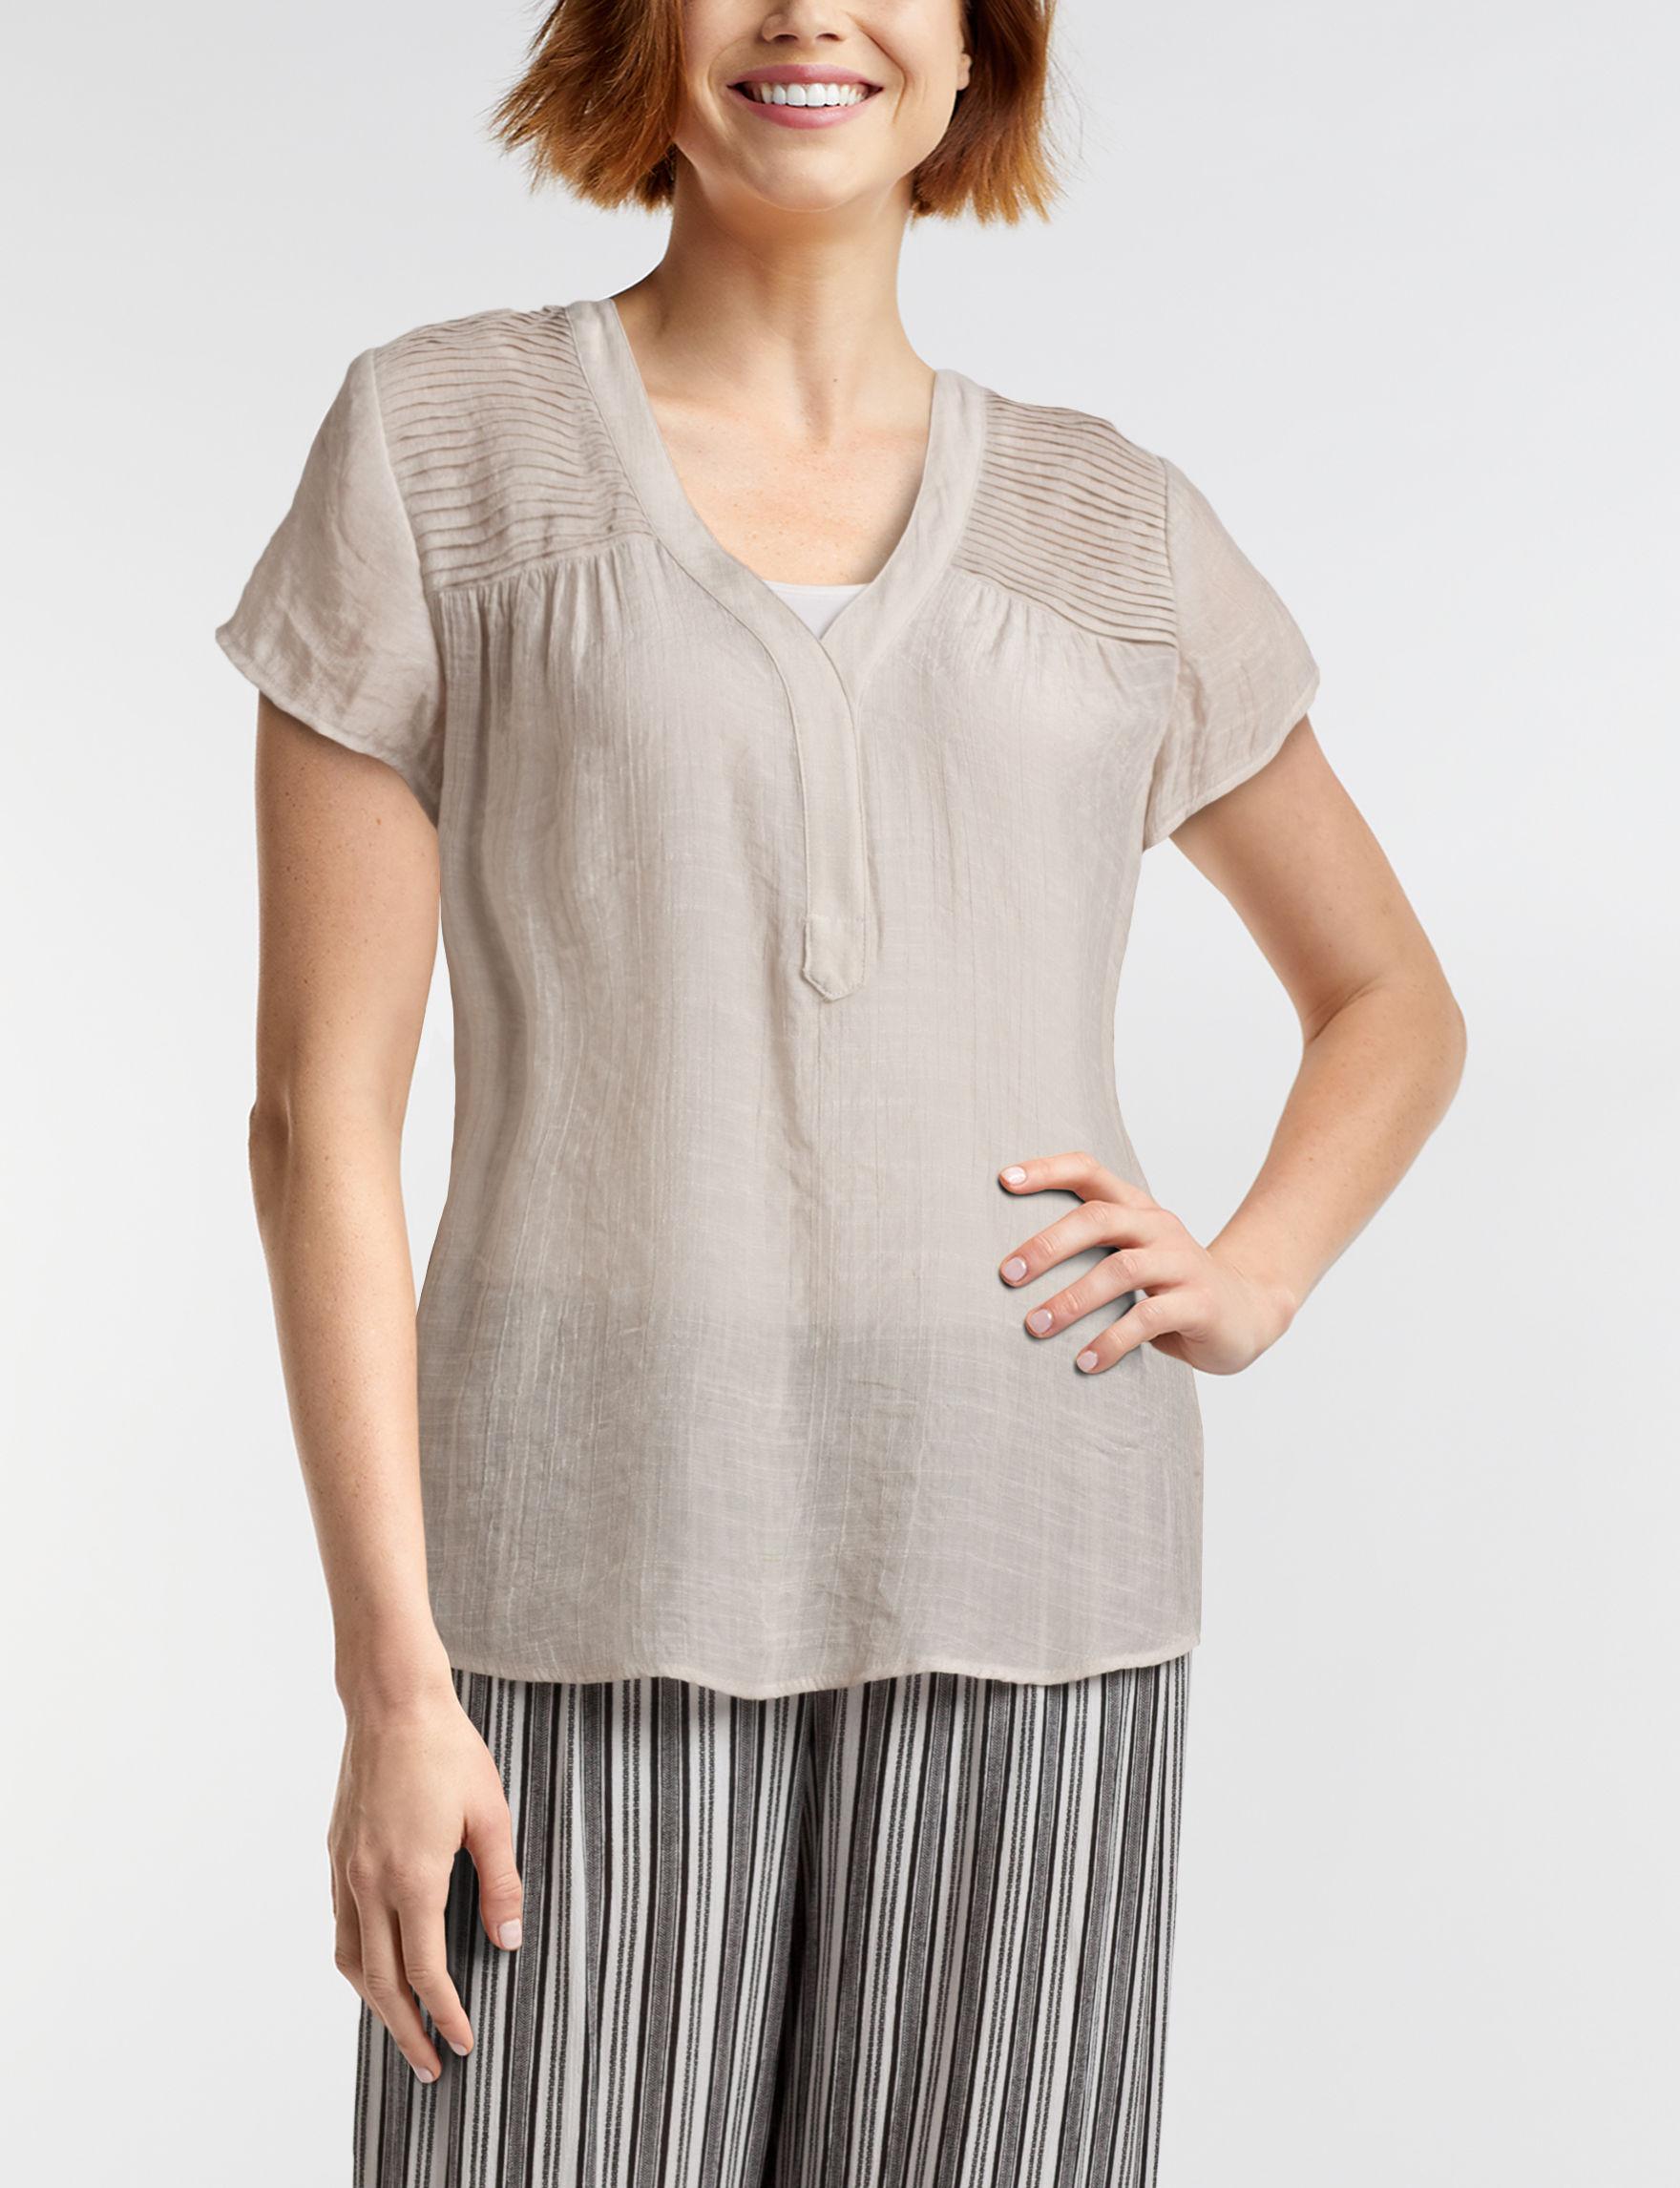 A. Byer Tan Shirts & Blouses